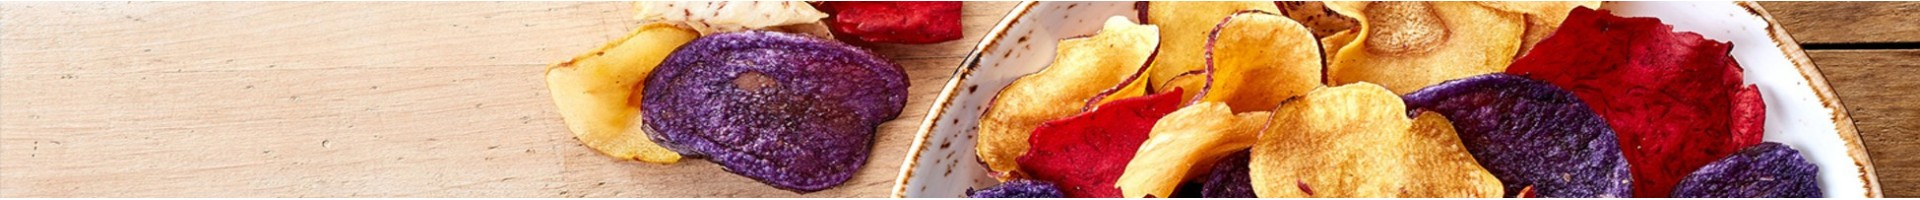 Chips de Boniato, Maíz para Palomitas y más | La Finestra